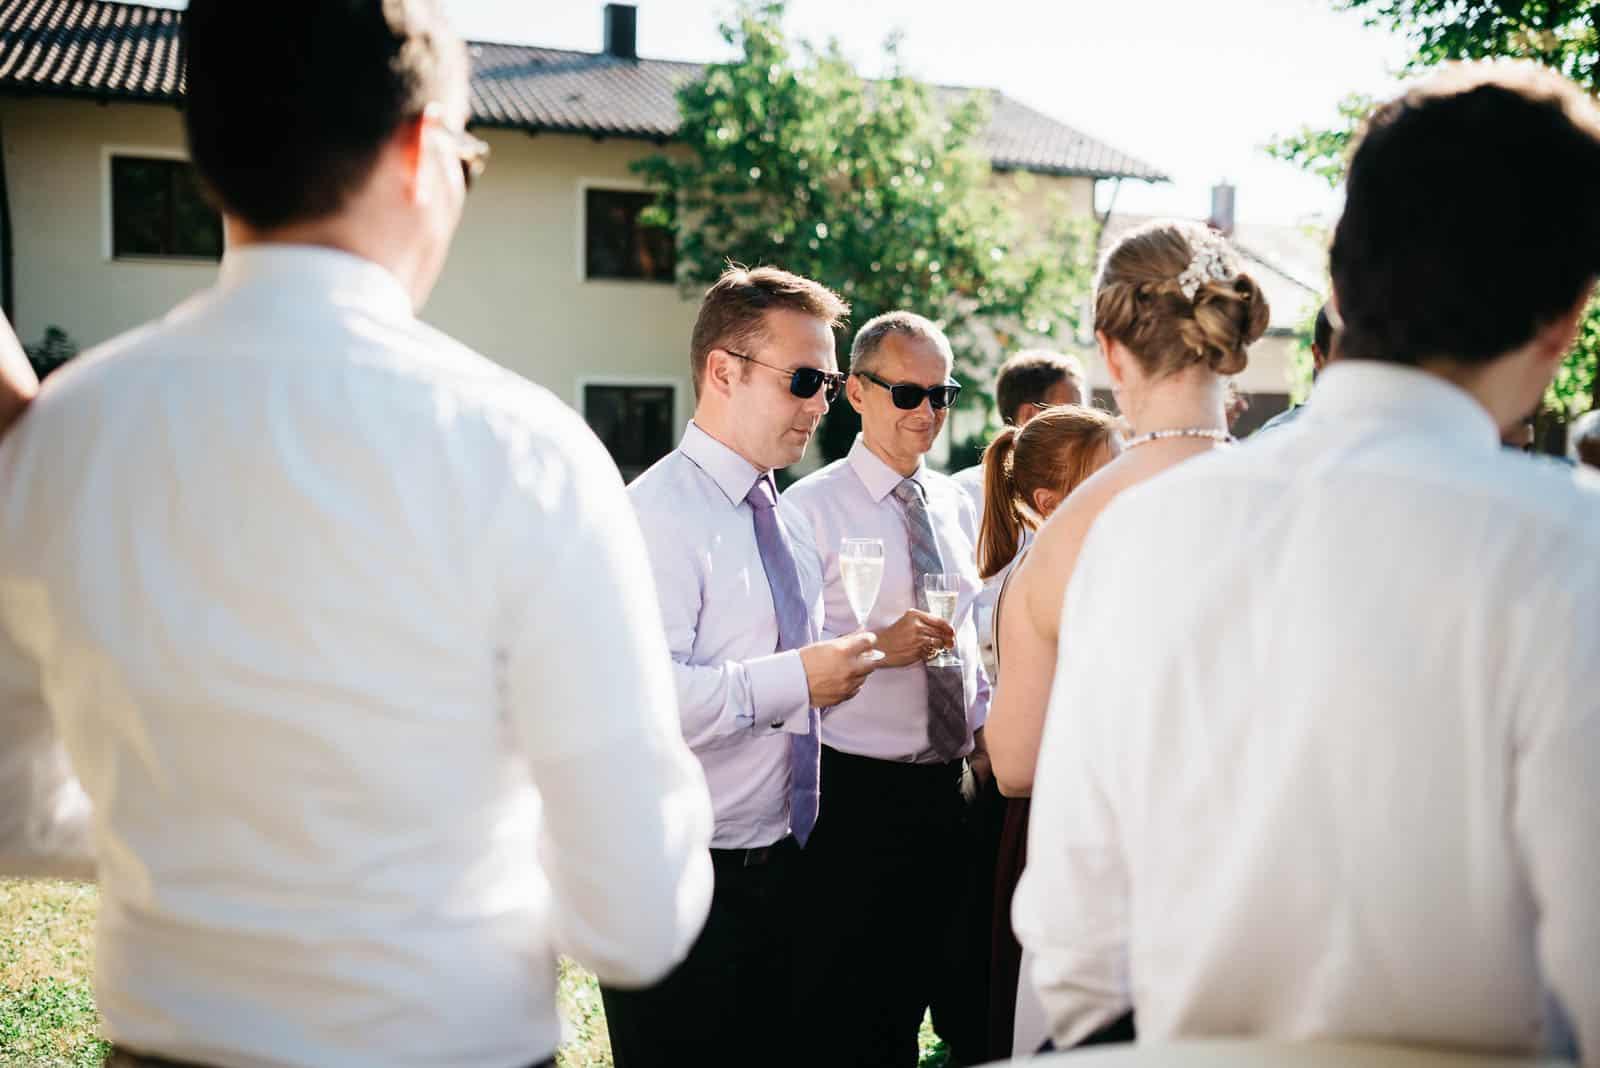 Wedding_Photography_094